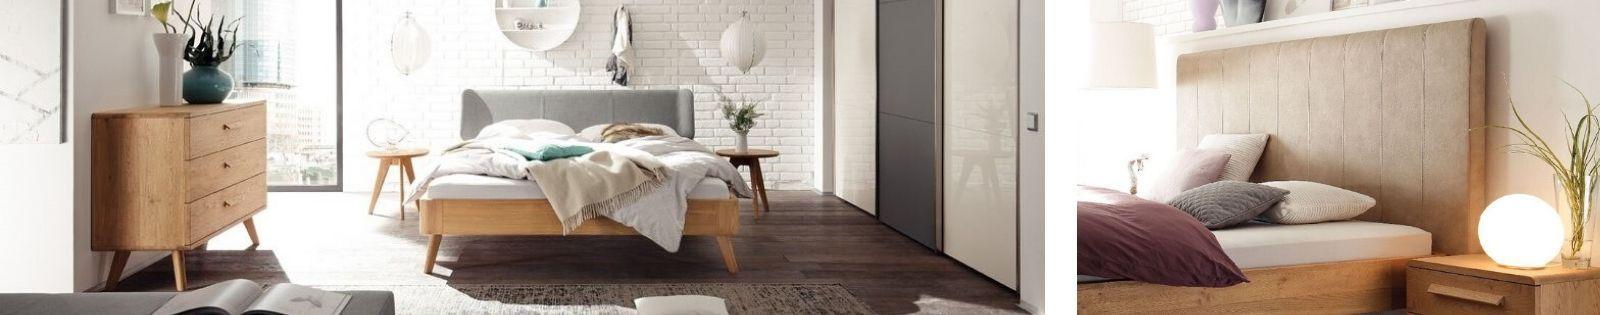 HASENA : GAMME OAK BIANCO, meubles en chêne massif pour la chambre.